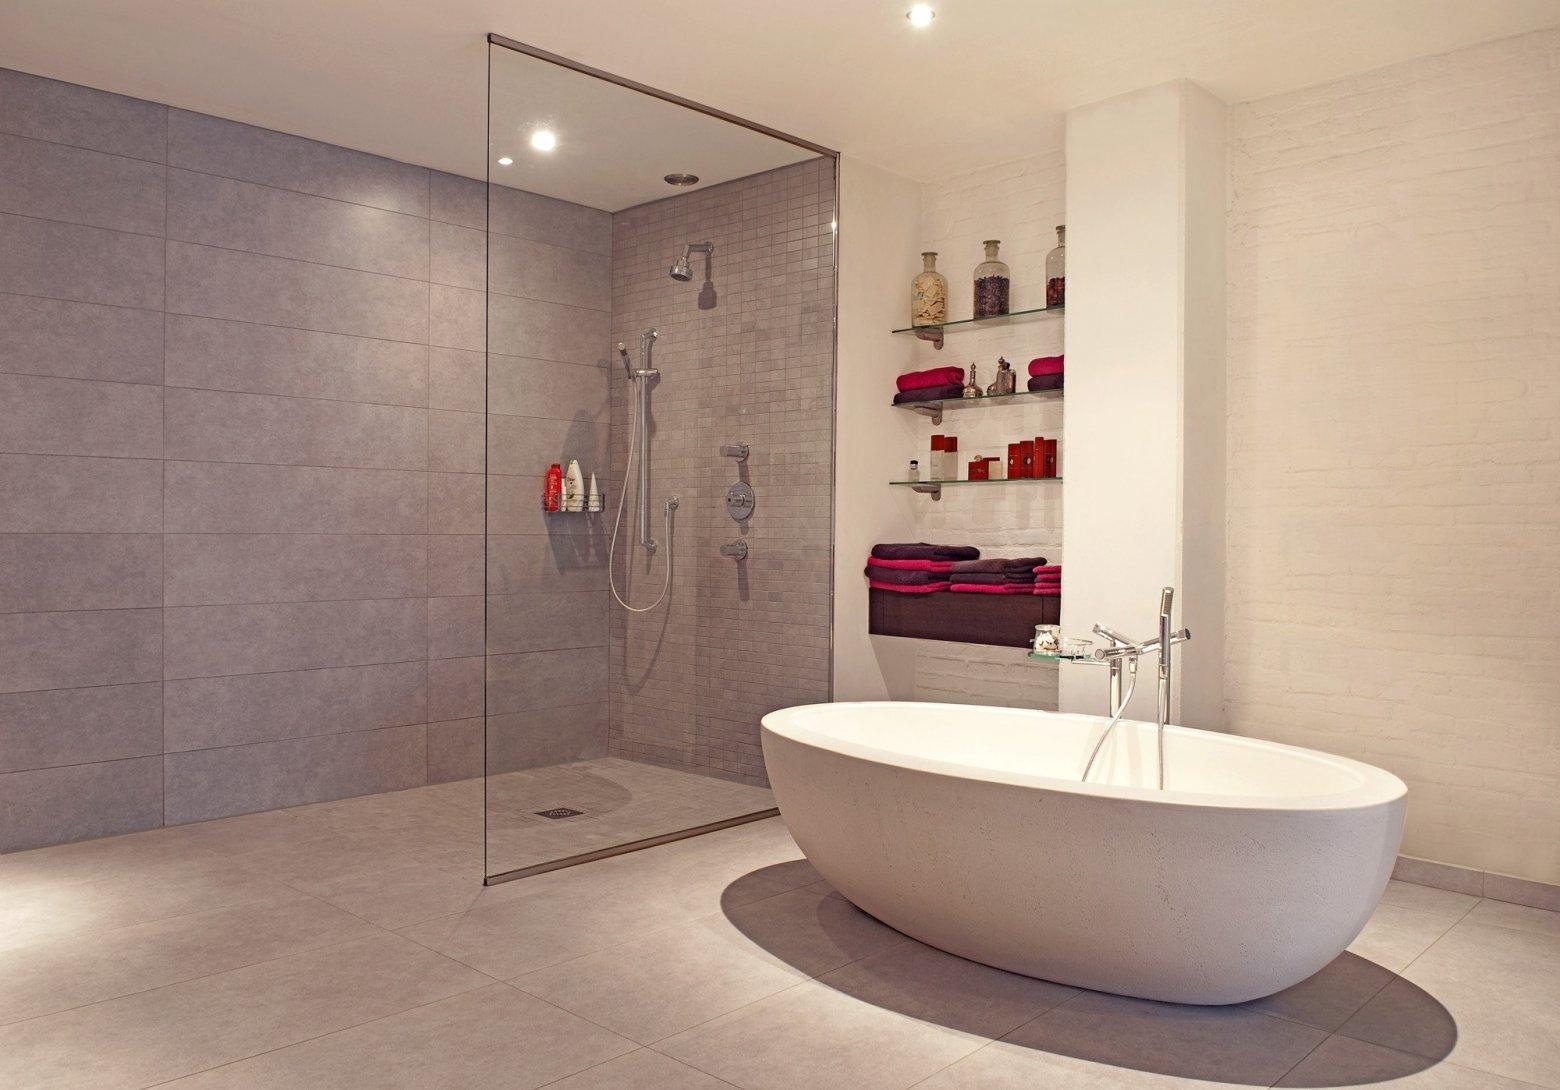 Inloopdouche Met Badkamertegels : Badkamerrenovatie ga voor van calster kwaliteit aan de laagste prijs